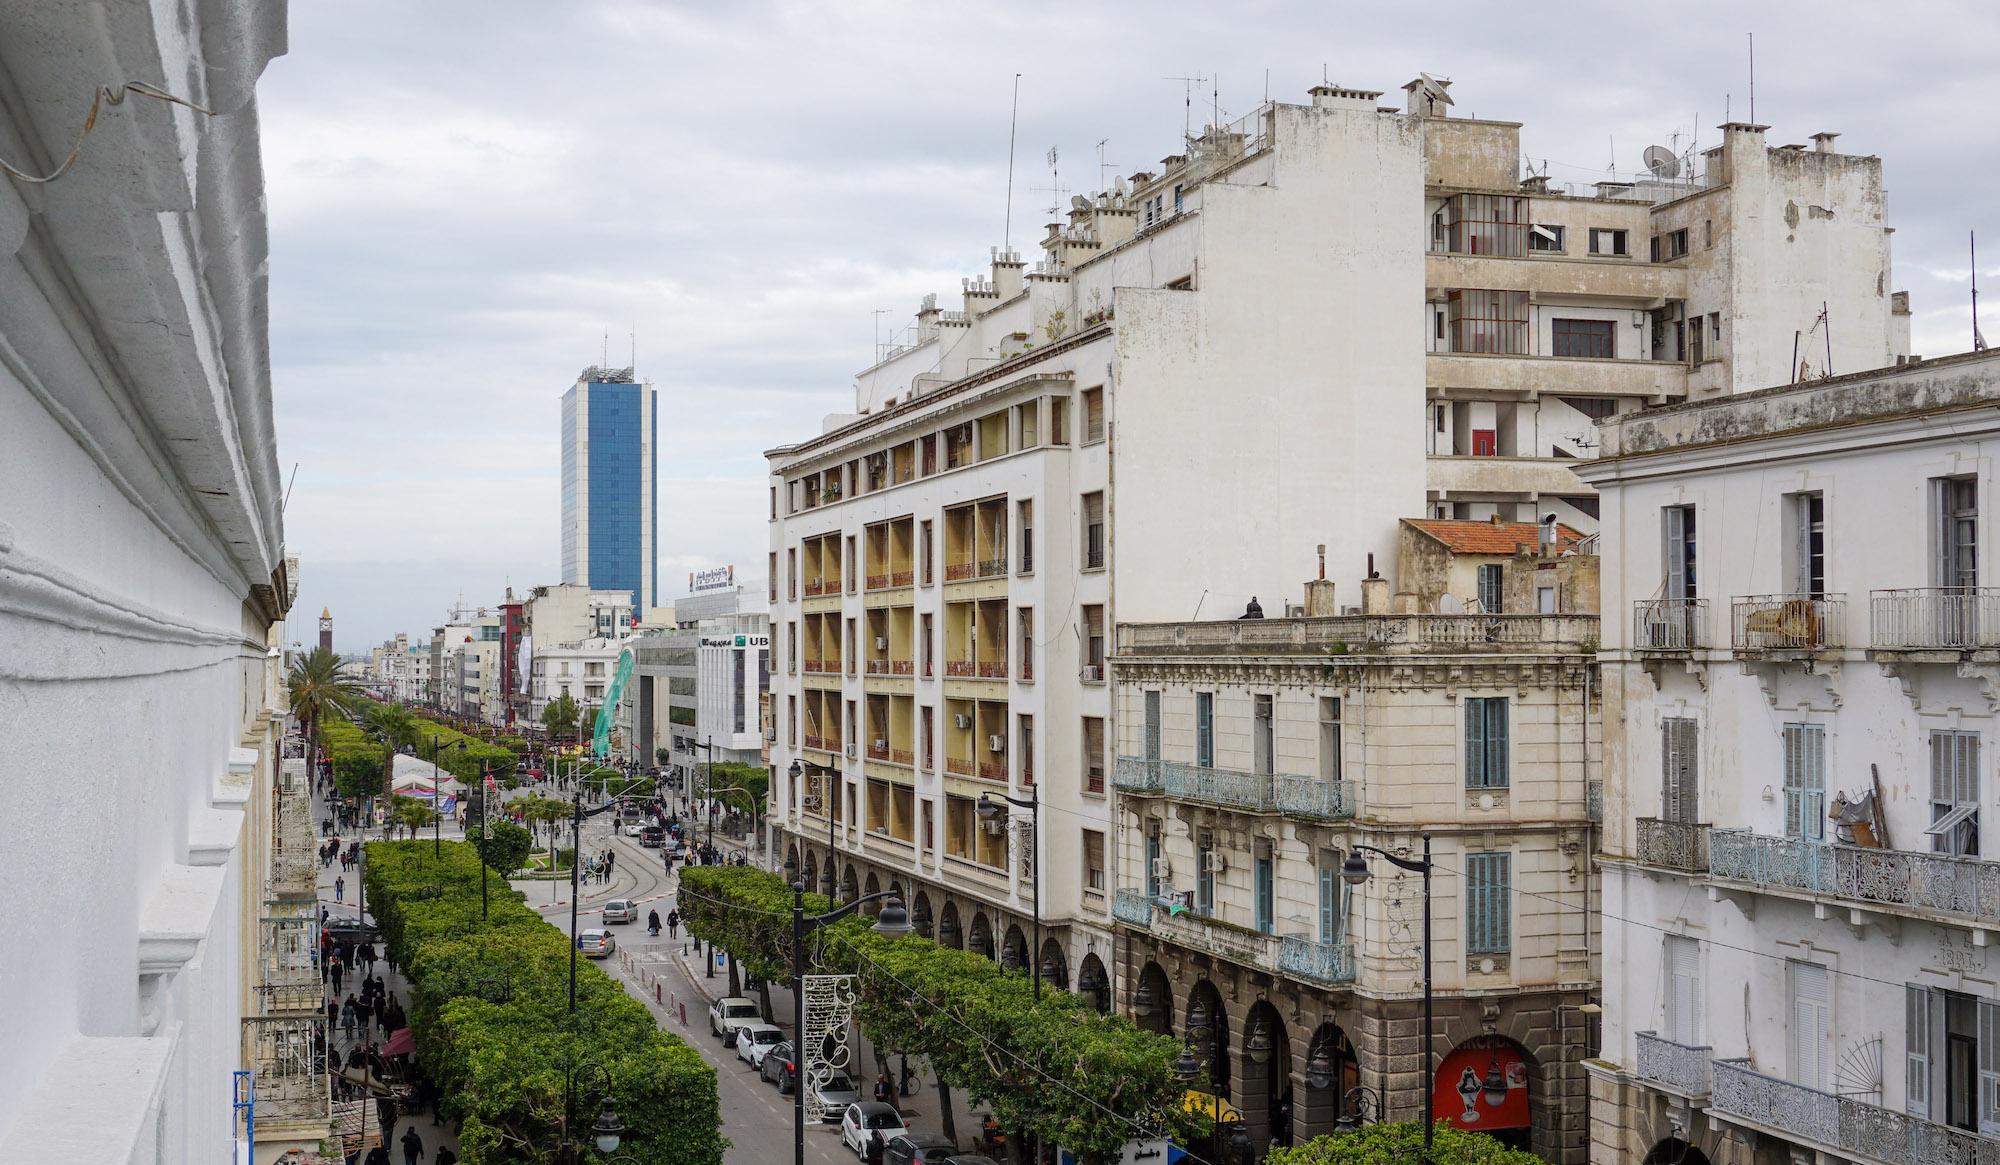 Blick aus dem Fenster eine begrünte Straße mit großen Gebäuden entlang.